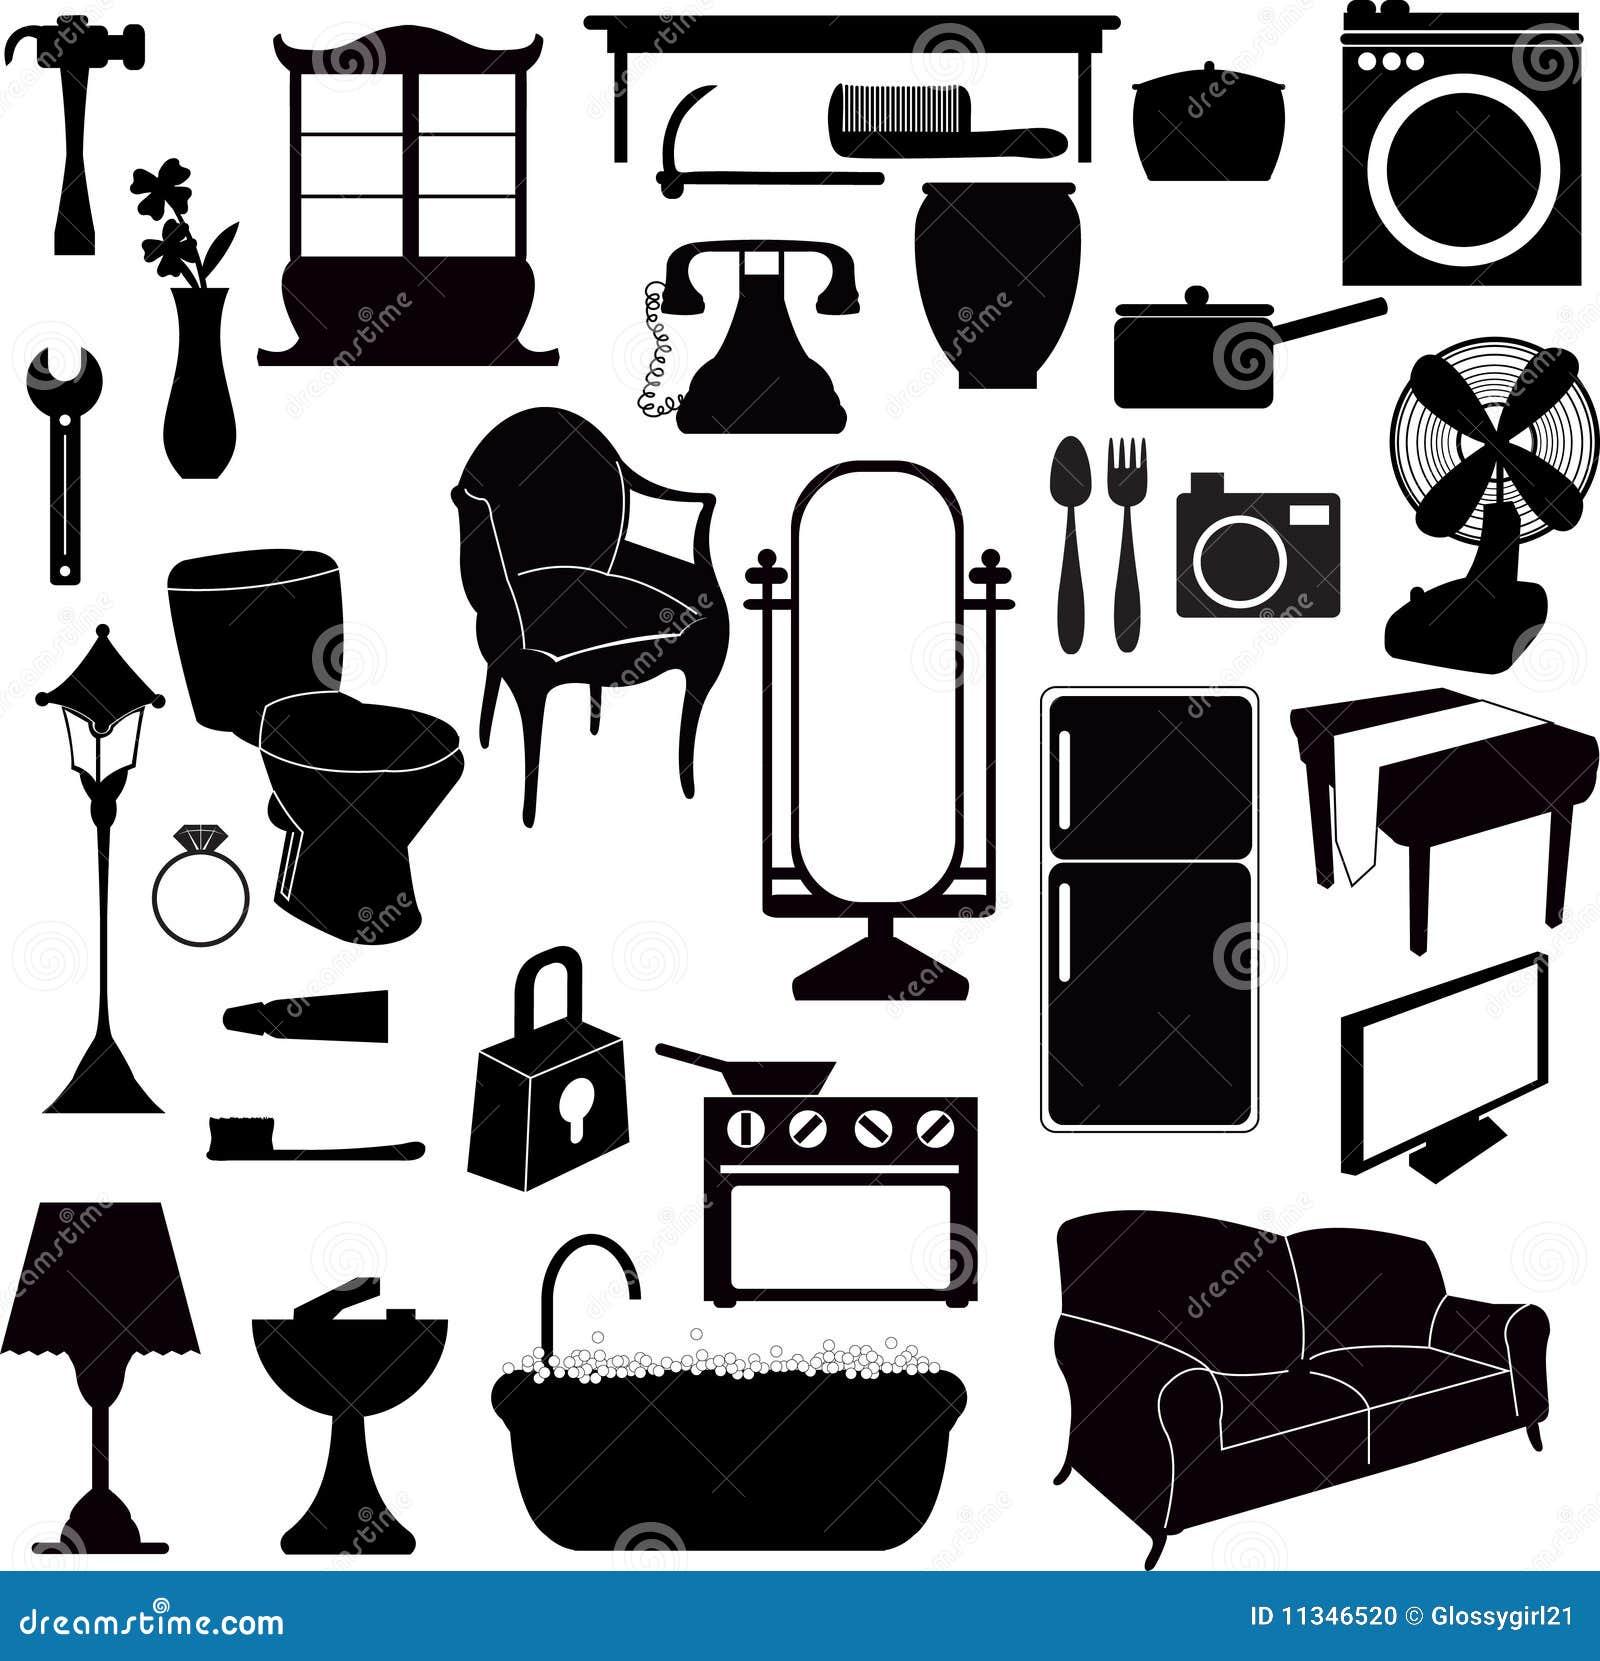 Muebles de las siluetas y otros objetos foto de archivo for Vintage muebles y objetos